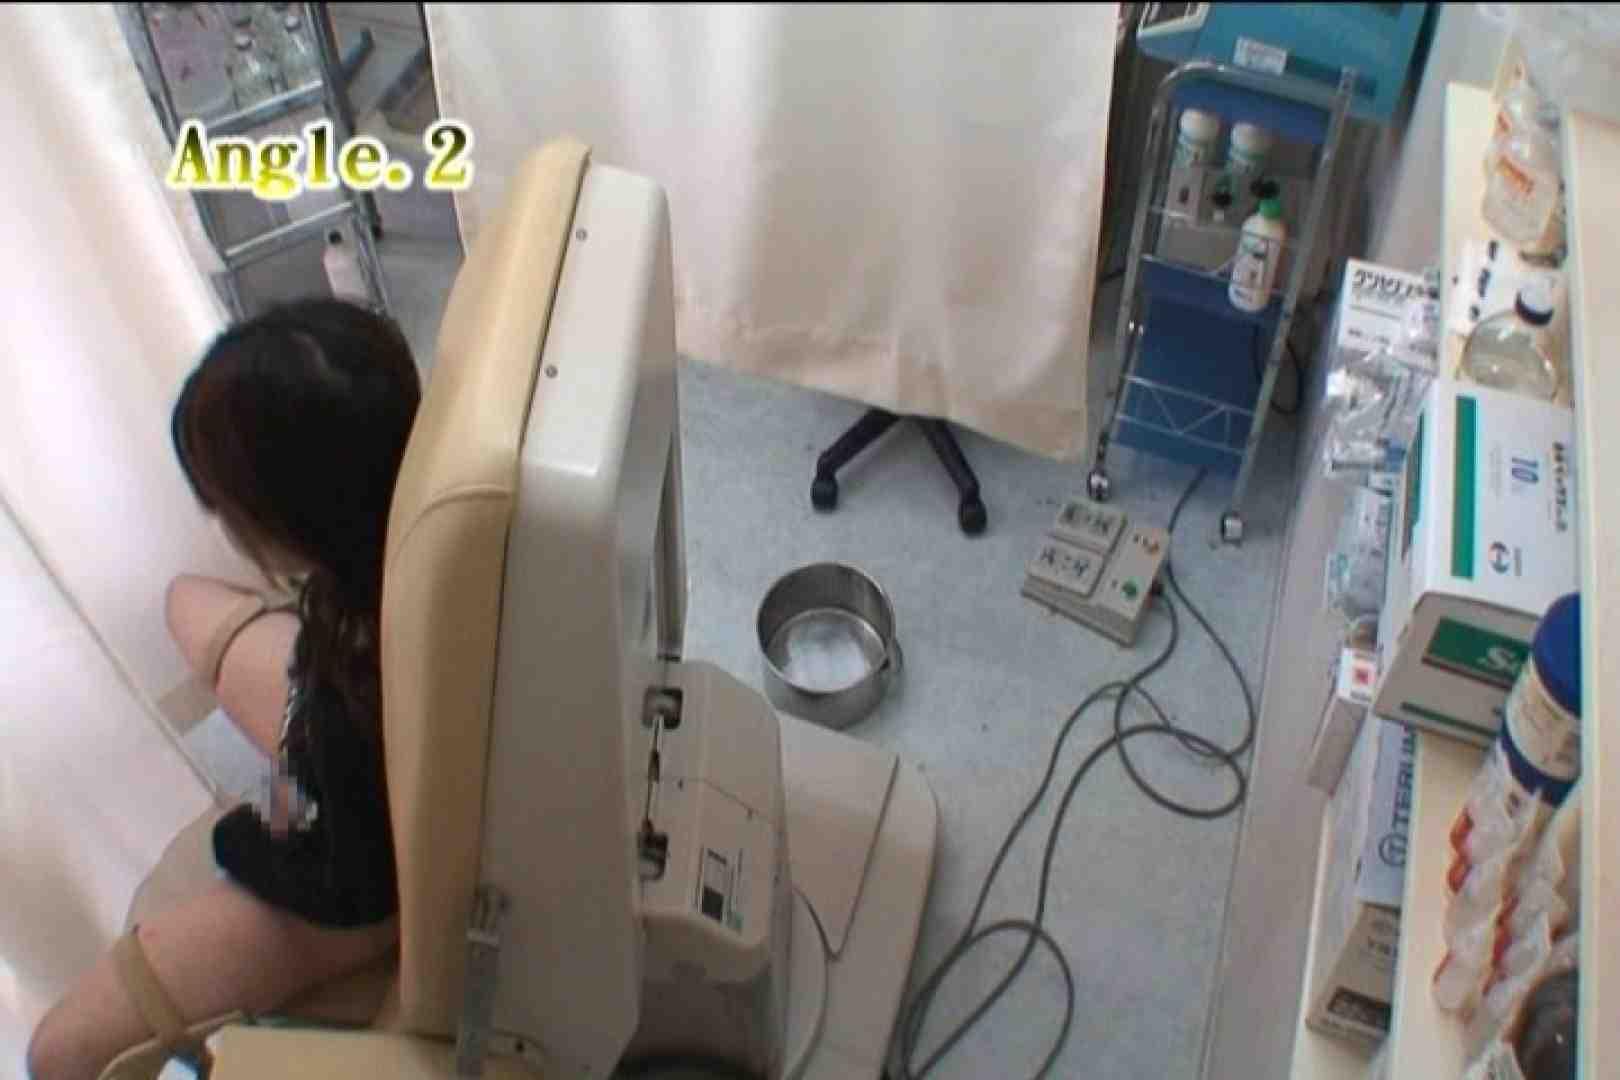 患者のおまんこをコレクションする変態医師の流出映像Vol.3 マンコ | おまんこ無修正  83pic 7